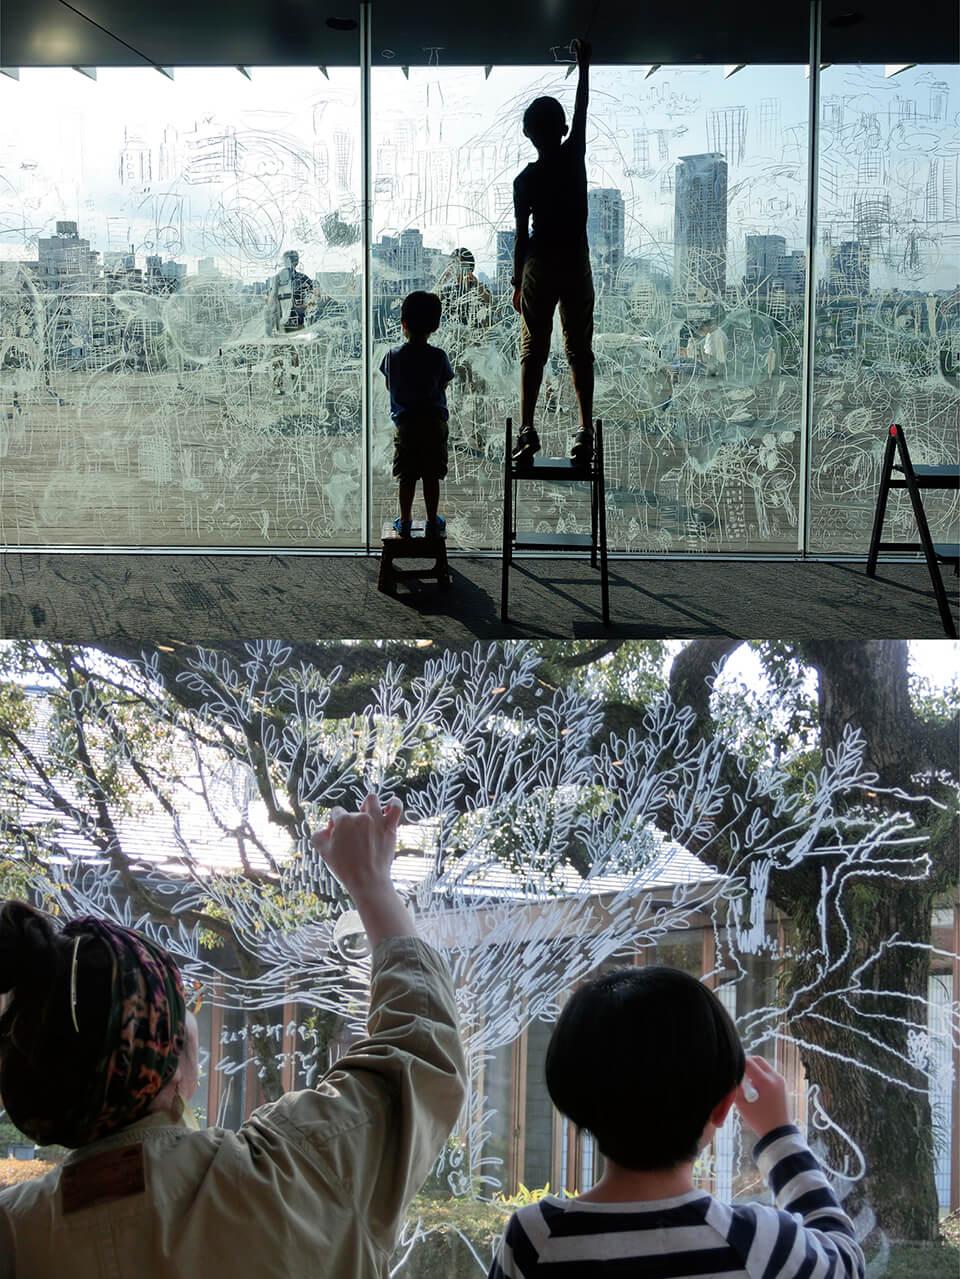 「コチラとムコウ」<br /> 窓のムコウ側に見える景色を、コチラ側の窓ガラスに特殊なマーカーで描くワークショップ<br /> [上]2017/サントリー美術館/東京<br /> [下]2017/滋賀県立近代美術館[クロージングイベント]